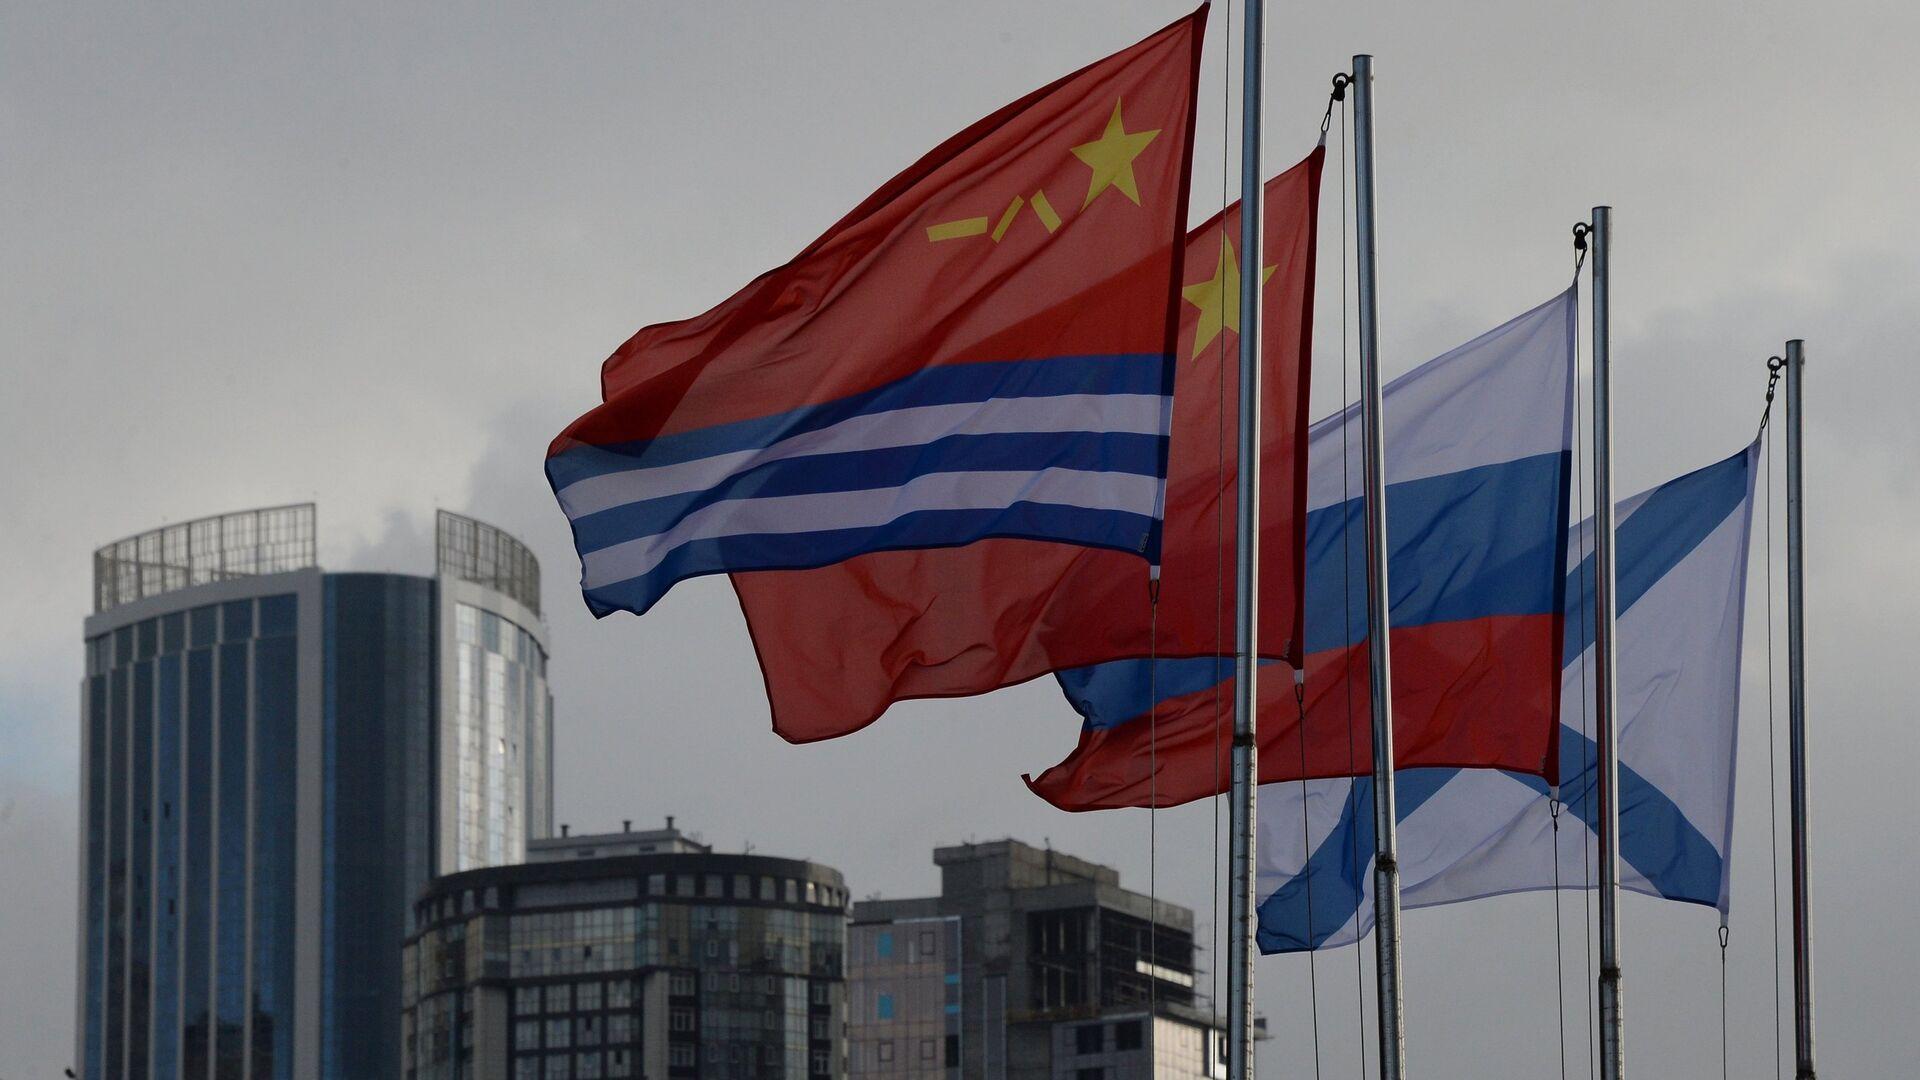 Государственные и военно-морские флаги России и Китая на 33-м пирсе во Владивостоке. 22 сентября 2017 - РИА Новости, 1920, 08.06.2021